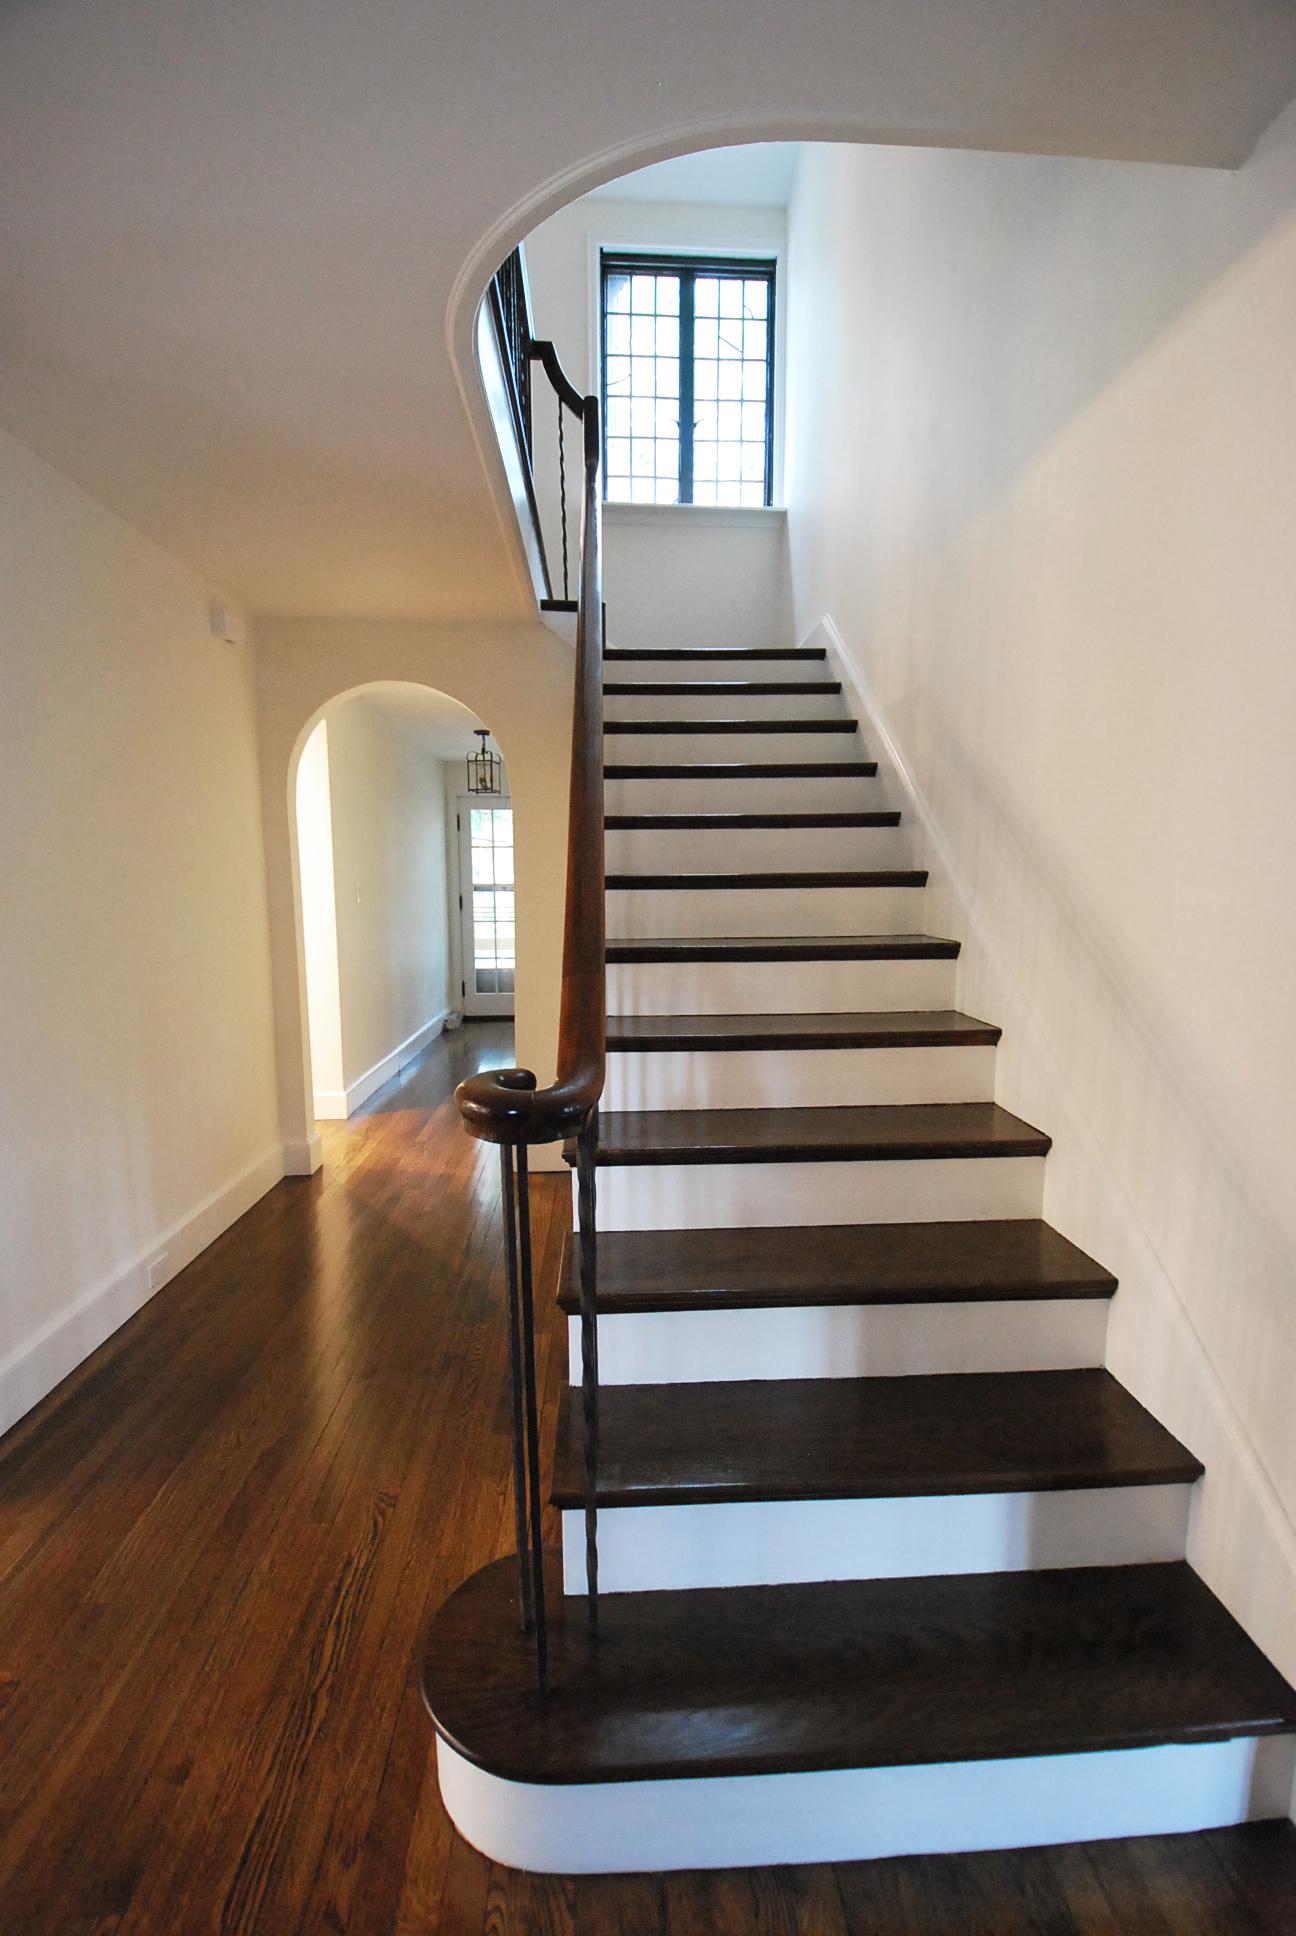 boffa stair 5.jpg